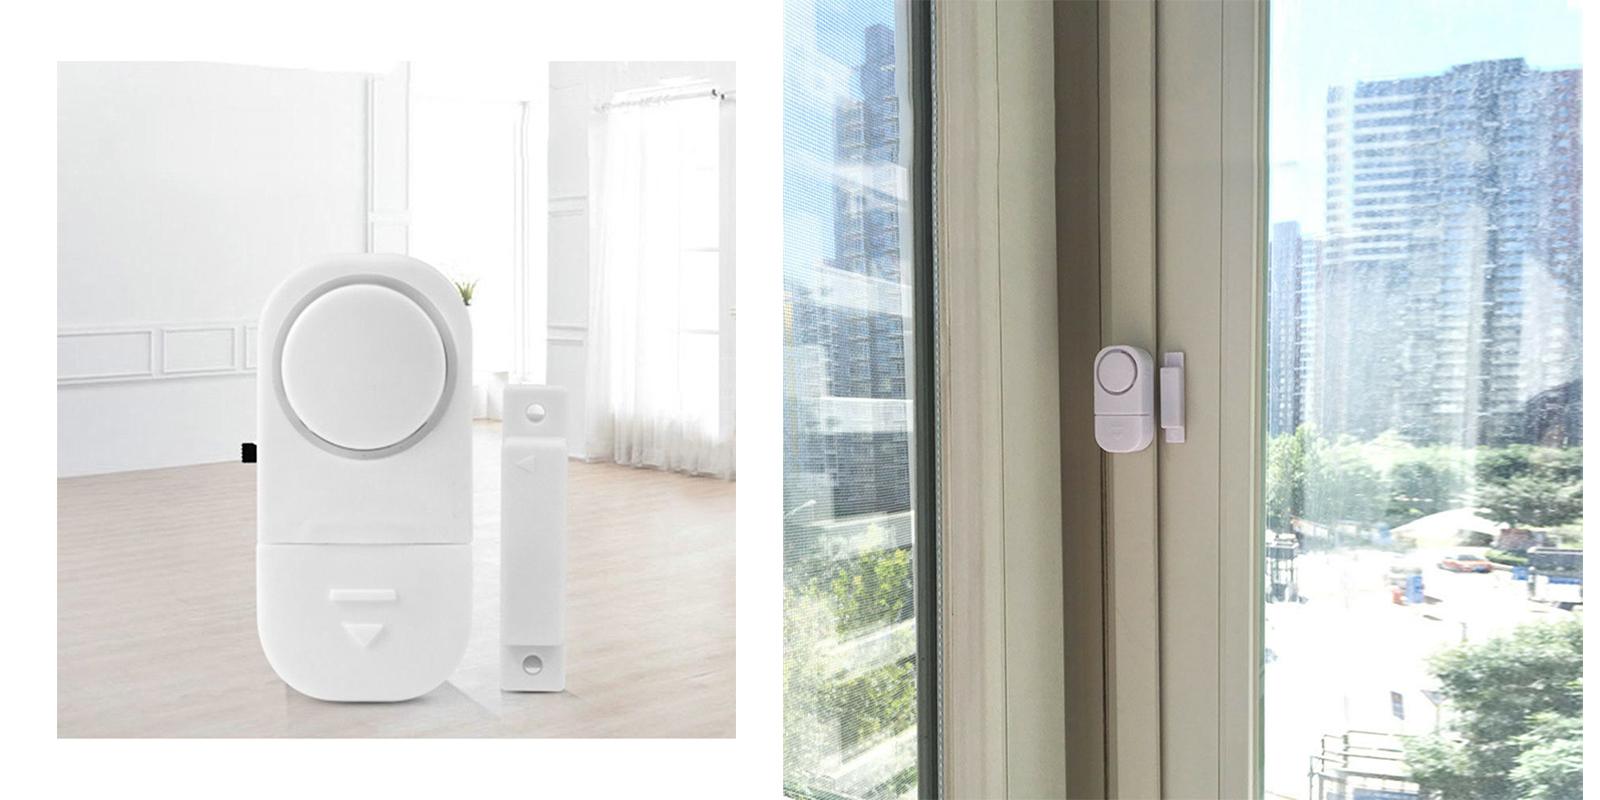 Porta Finestra Ingresso Casa dettagli su allarme antifurto sensore magnetico sicurezza ingresso porta  finestra casa dr